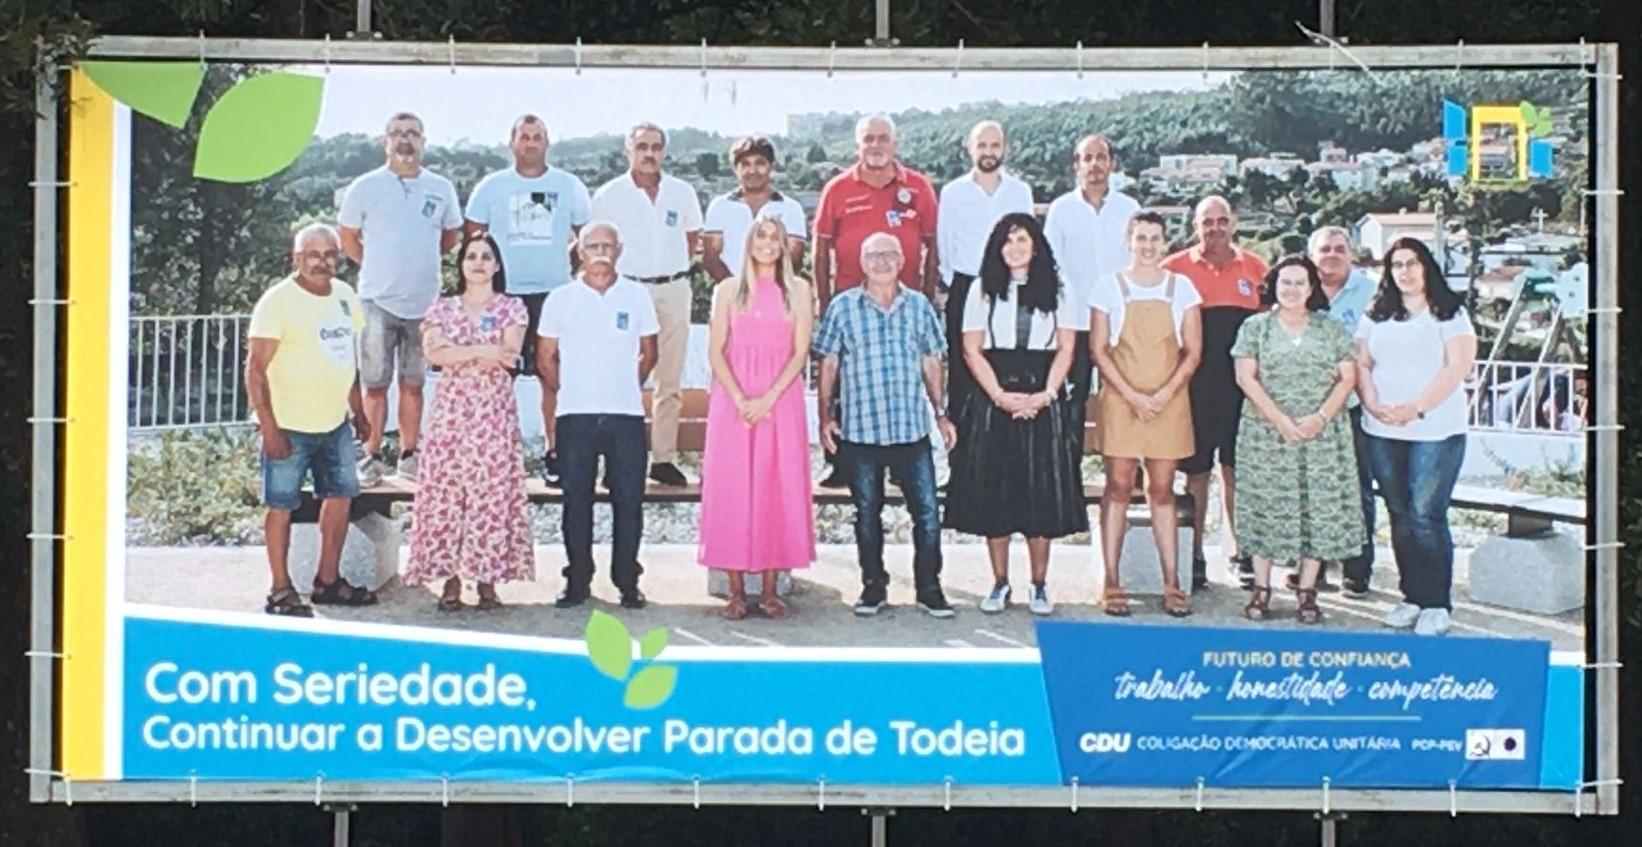 CDU_2021_Paredes_Parada Todeia___